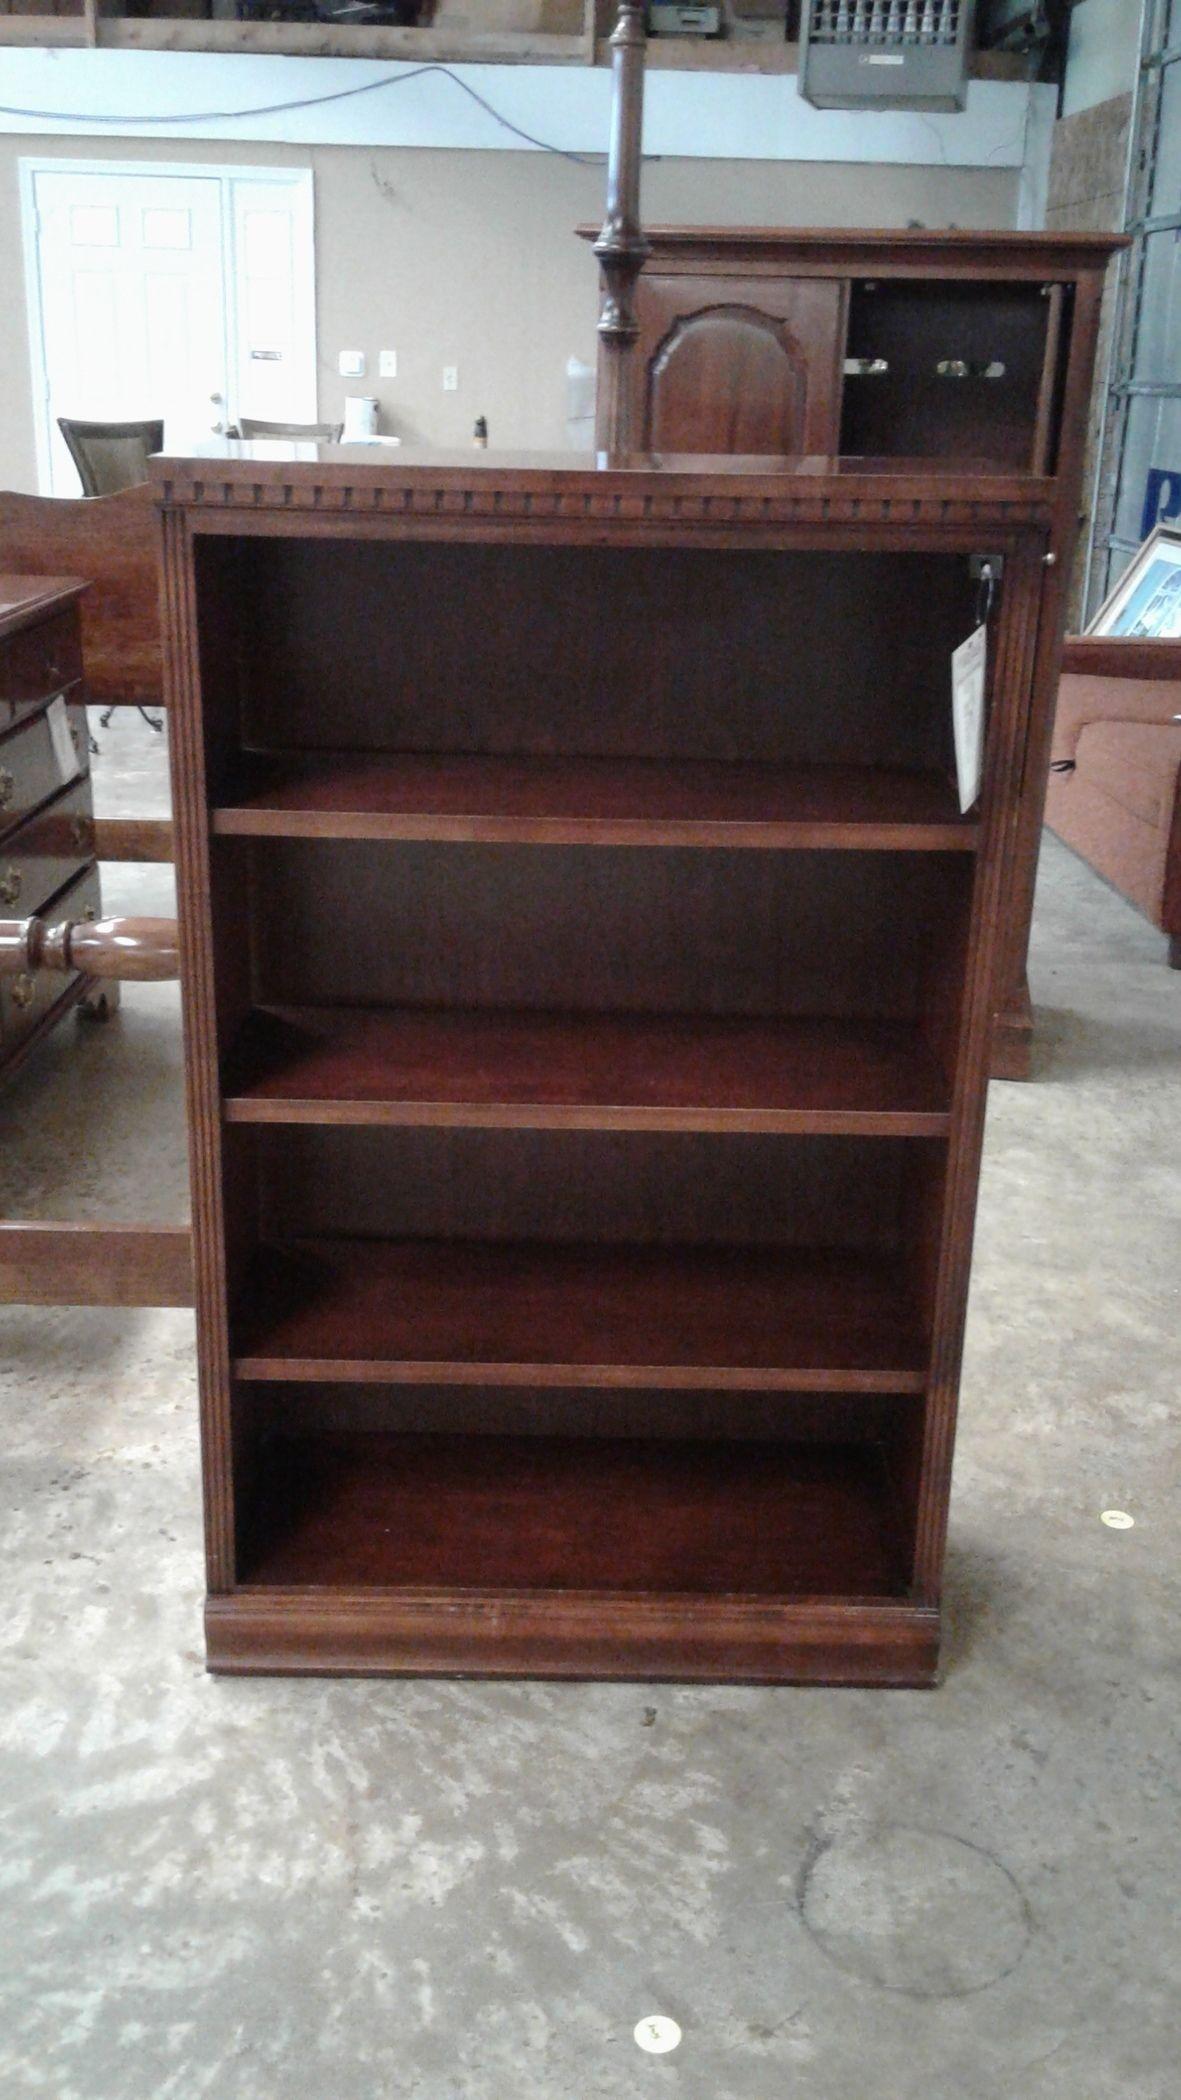 Knob Creek Bookcase Delmarva Furniture Consignment